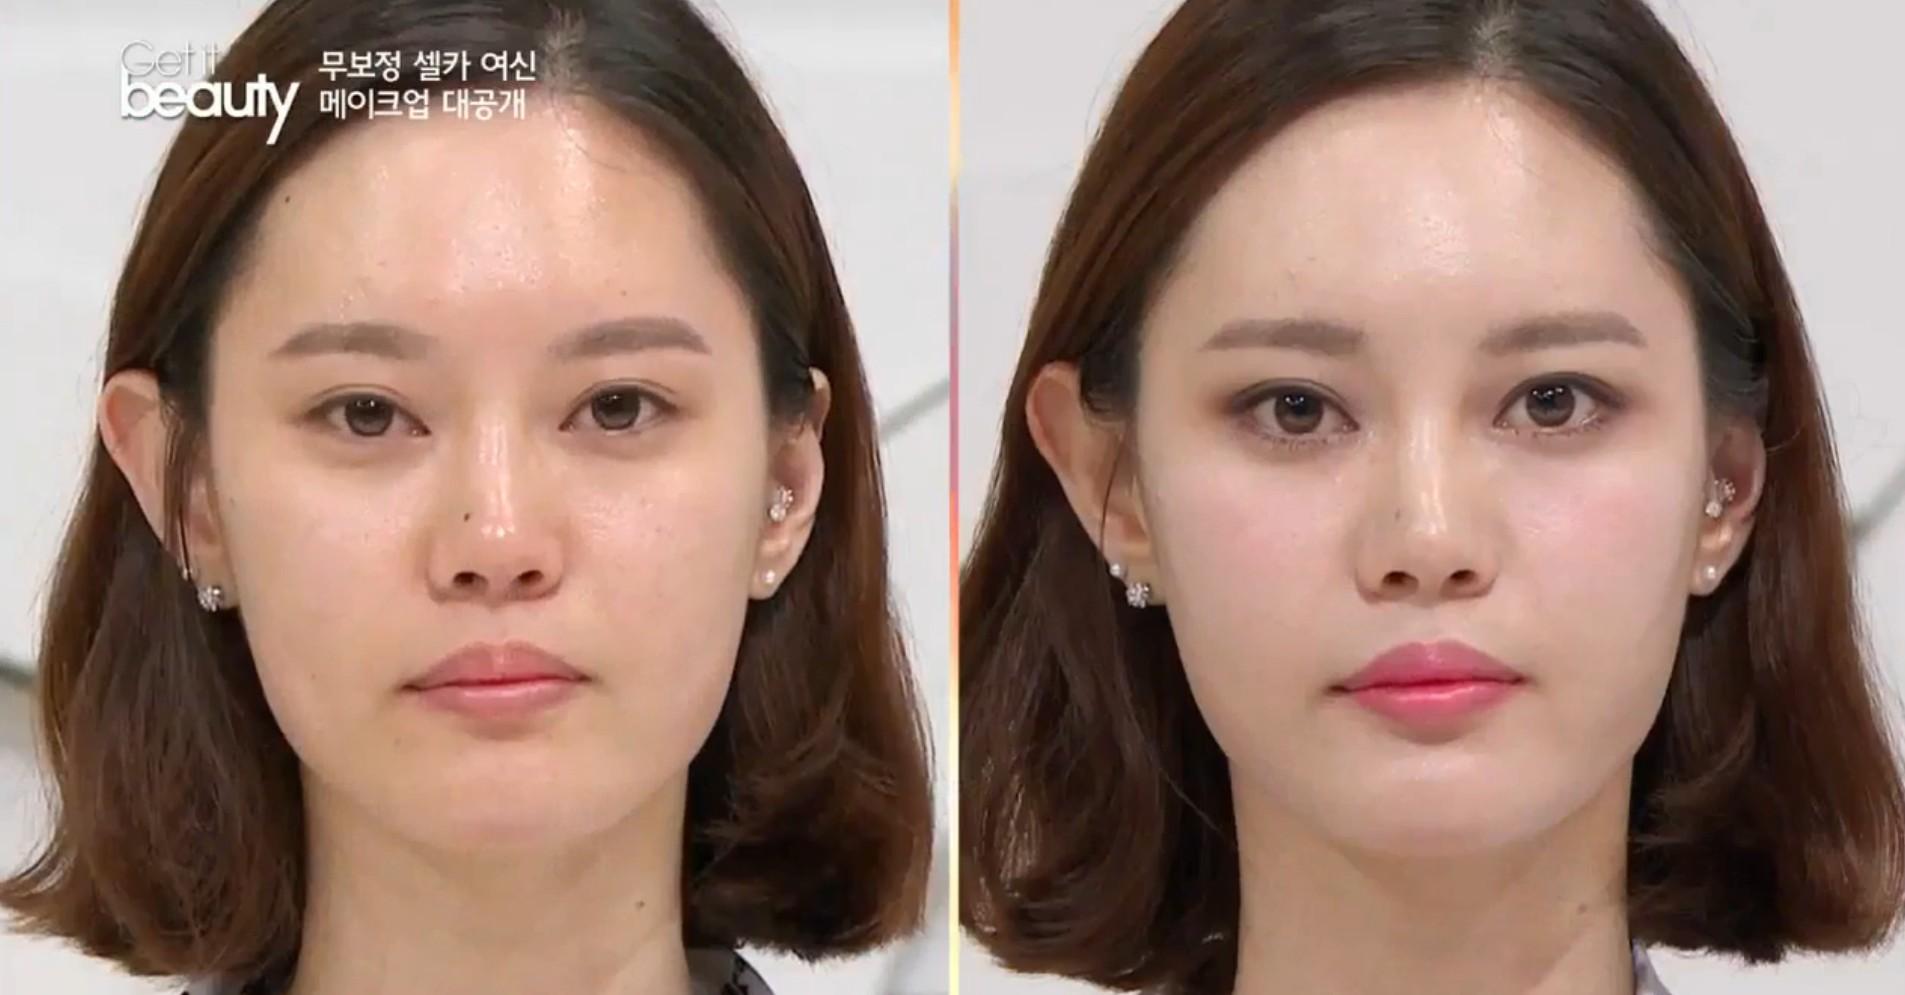 接下來重頭戲來了,明星專用的彩妝師要教大家如何妝出自備濾鏡效果的妝容!